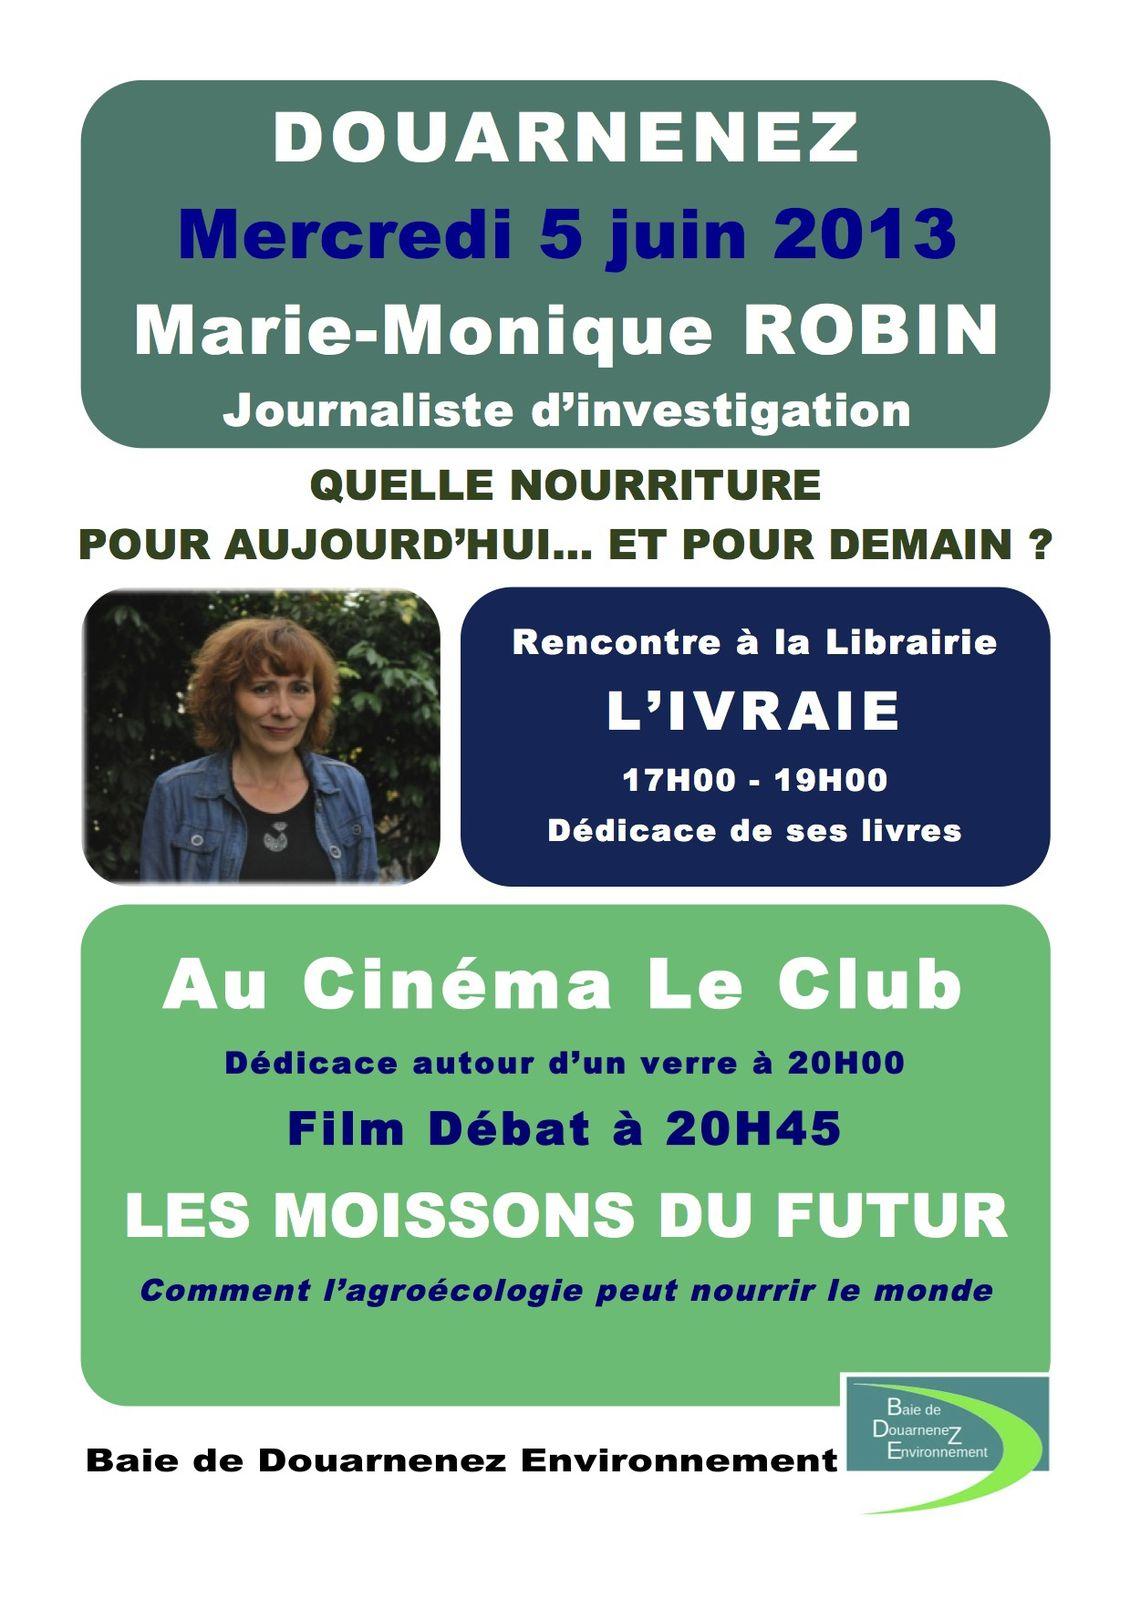 Marie-Monique Robin invitée de BDZE, mercredi 5 juin à Douarnenez